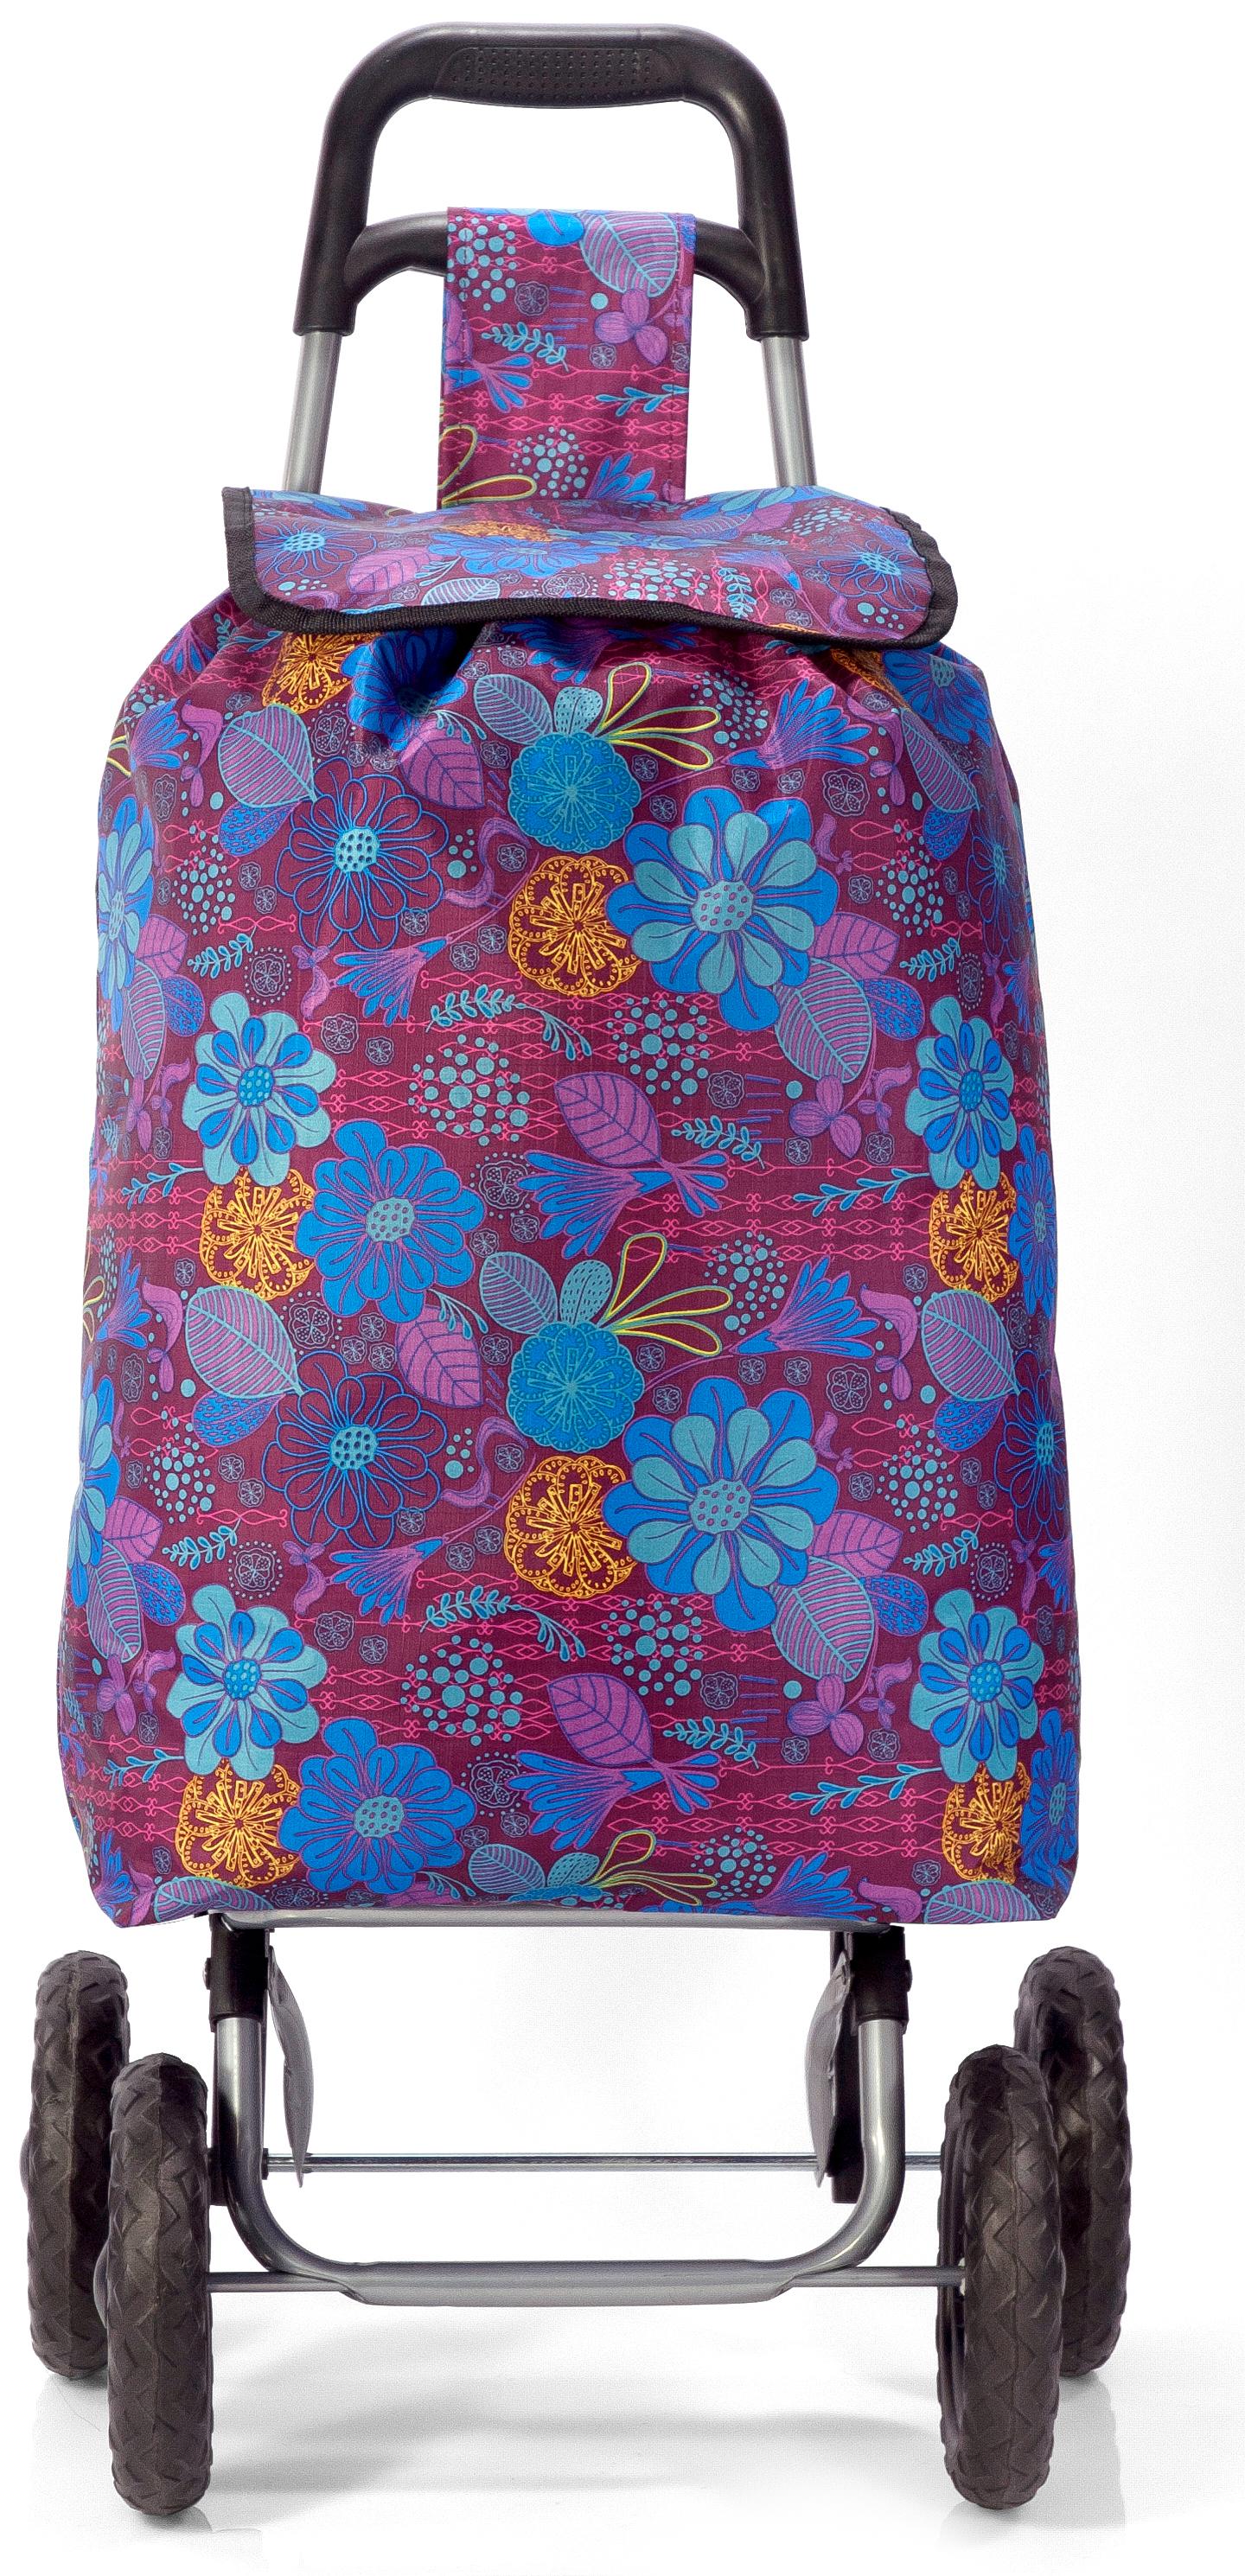 Καρότσι Λαϊκής Με Λουλούδια benzi 5049 – benzi – BZ-5049-PURPLE